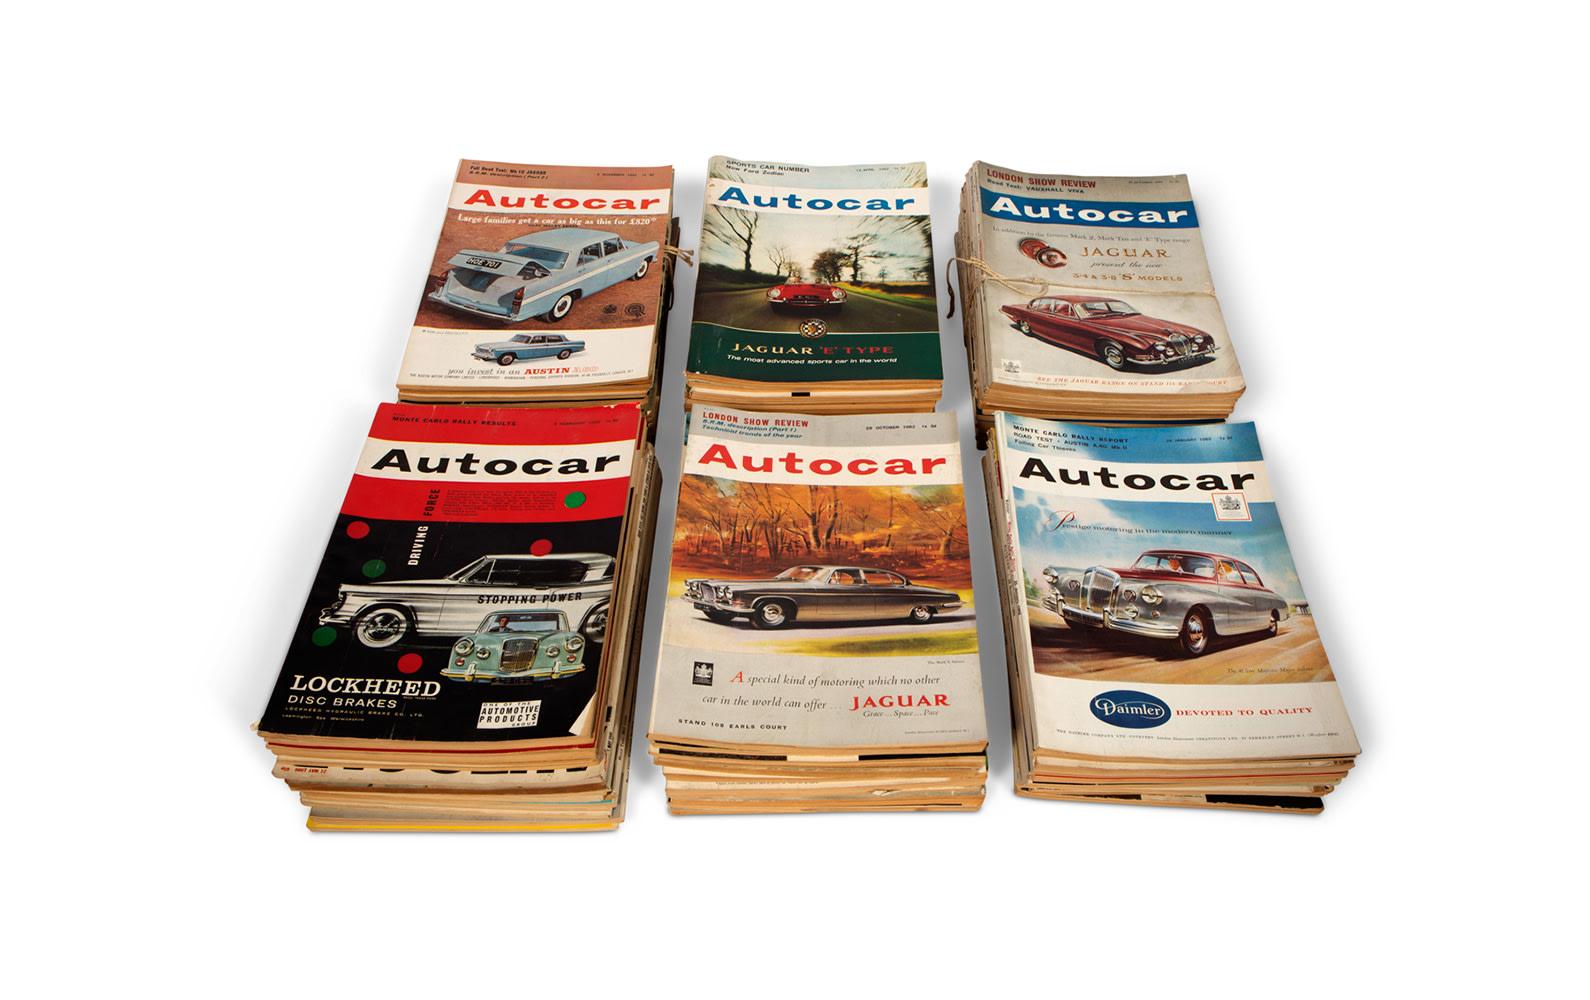 Assorted Autocar Magazines, c. 1960s